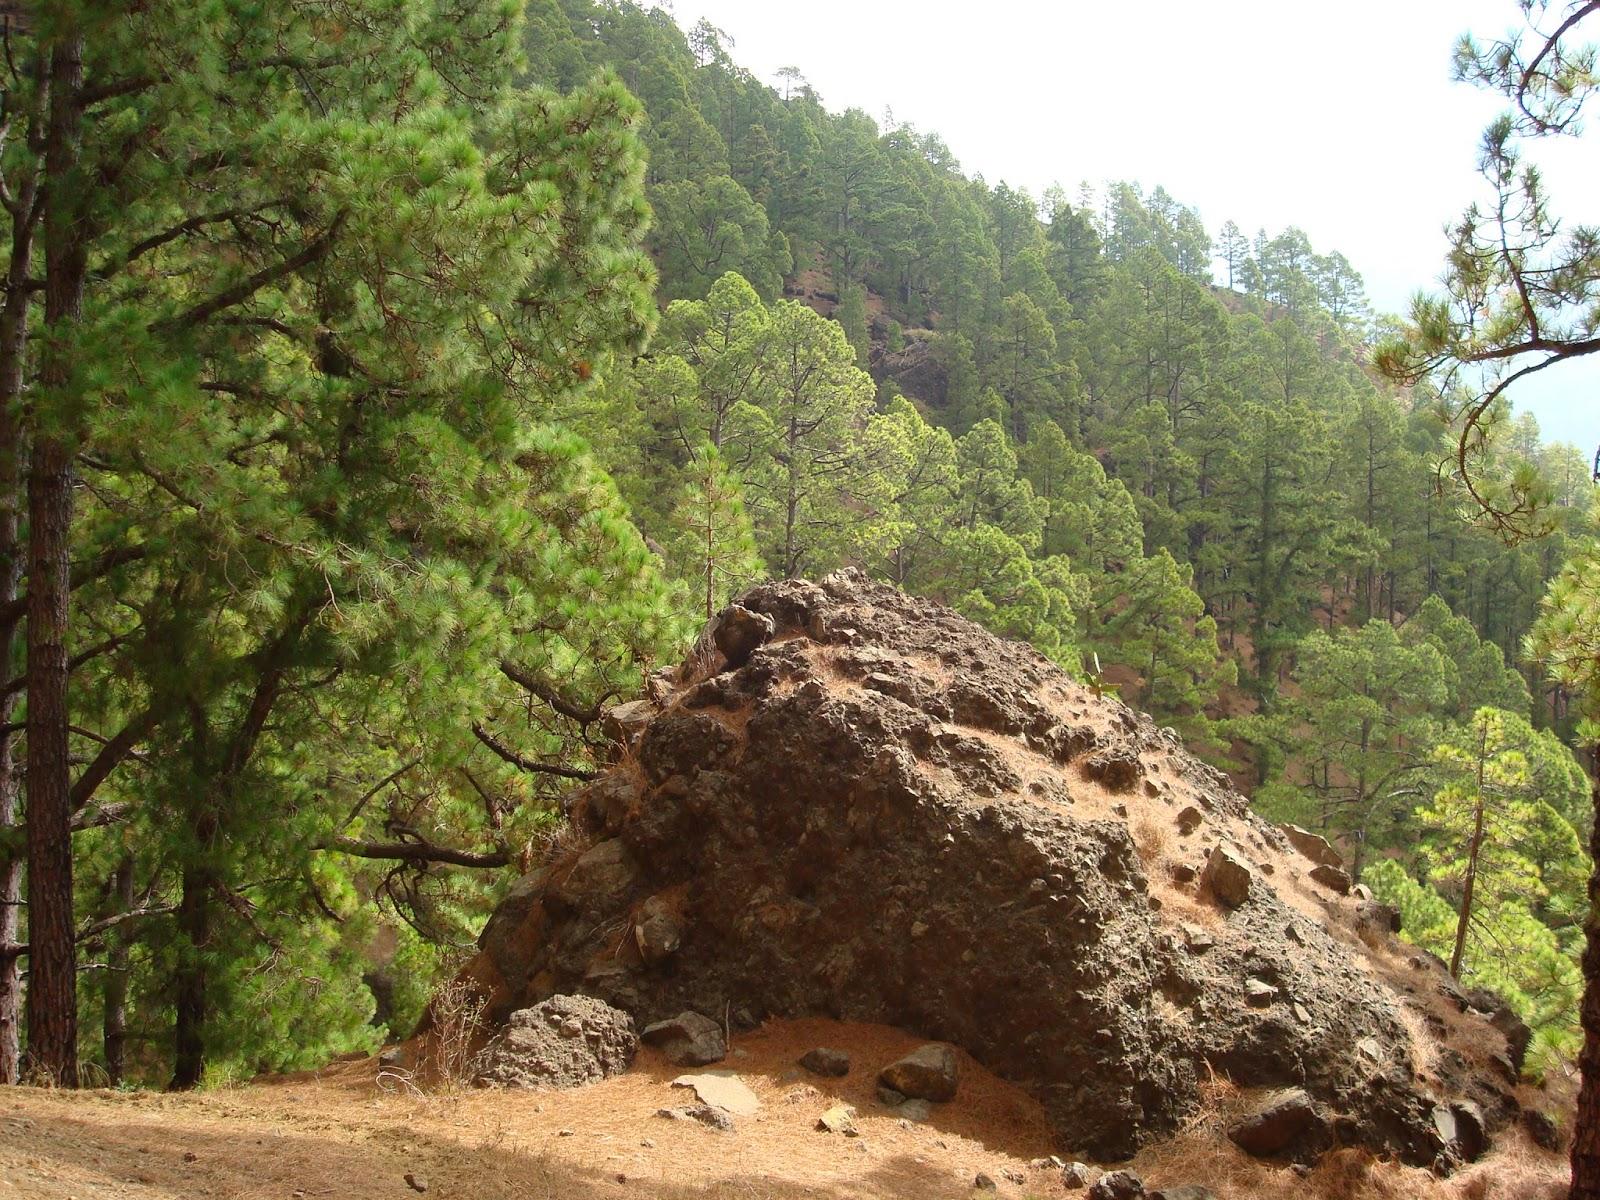 Deporte y senderismo la palma caldera taburiente for Piscinas naturales grazalema